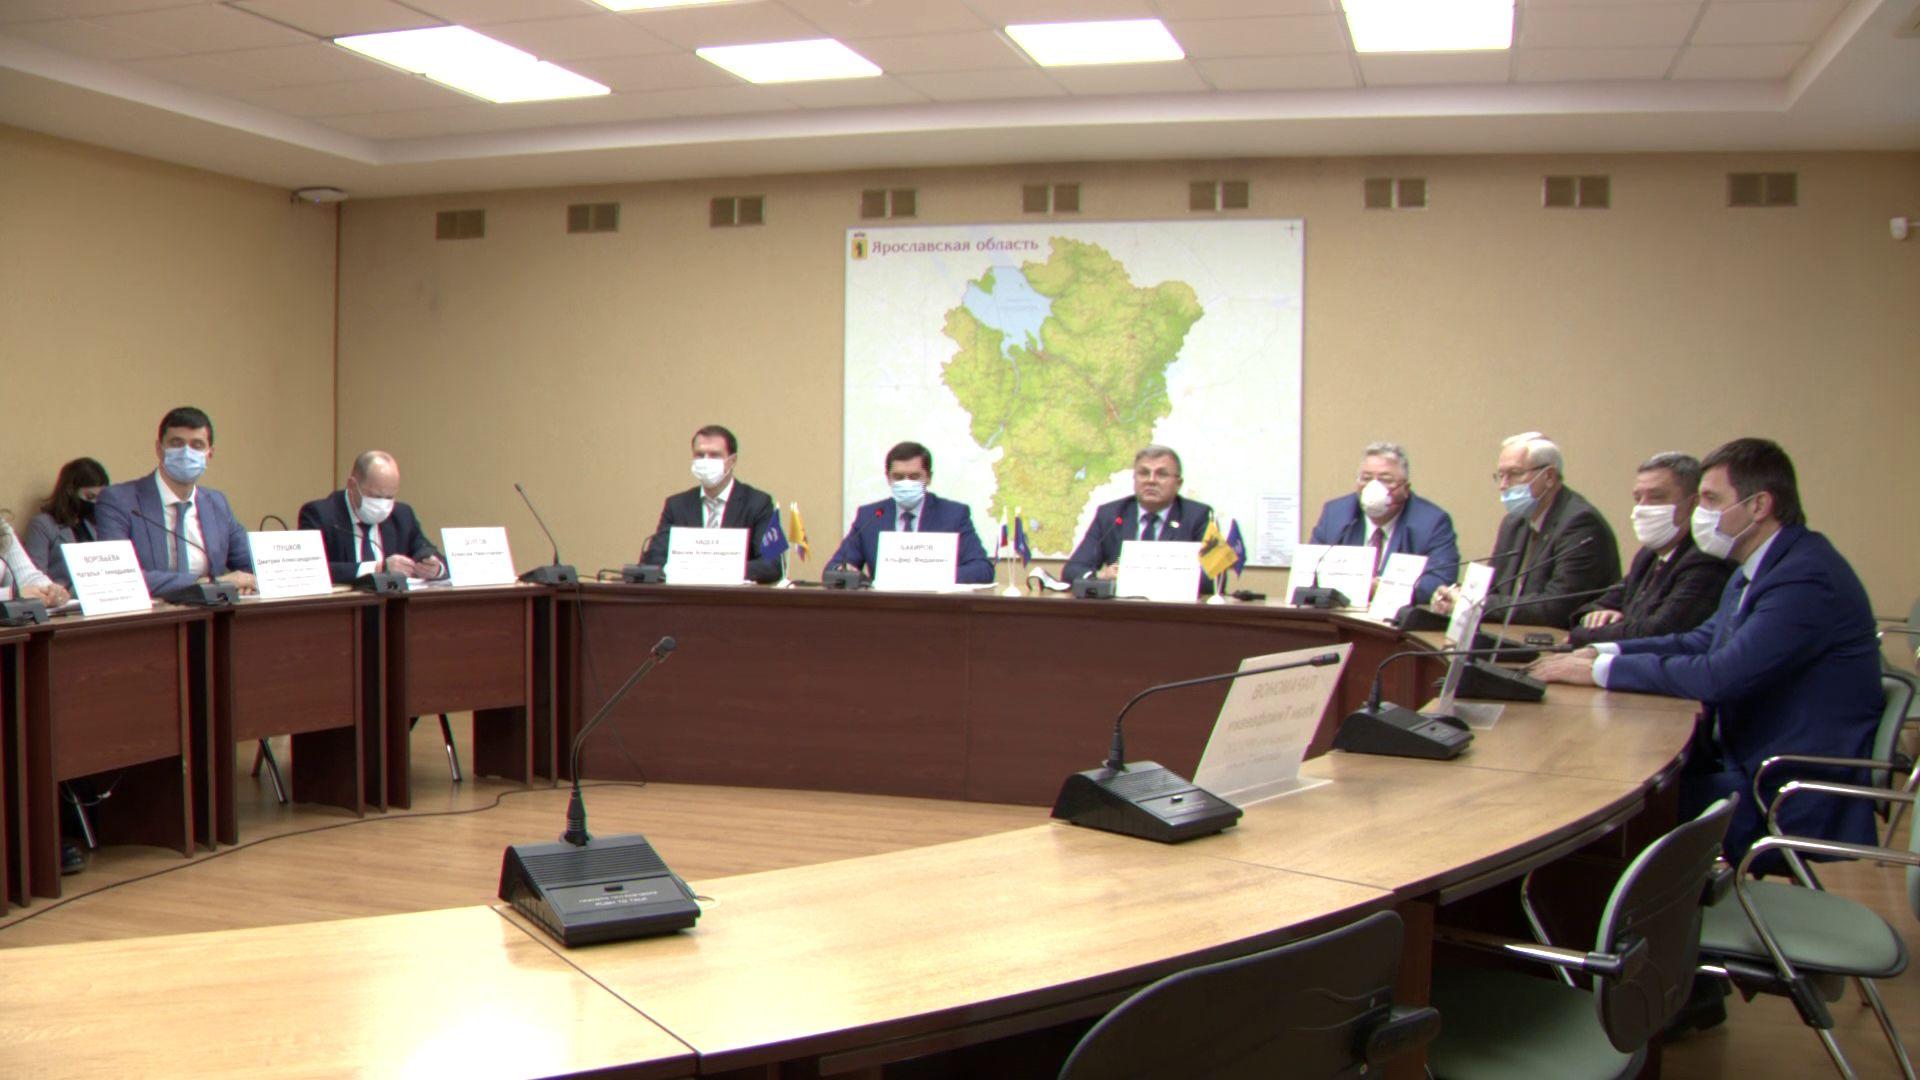 В Ярославской области представители Правительства ответили на вопросы бизнесменов